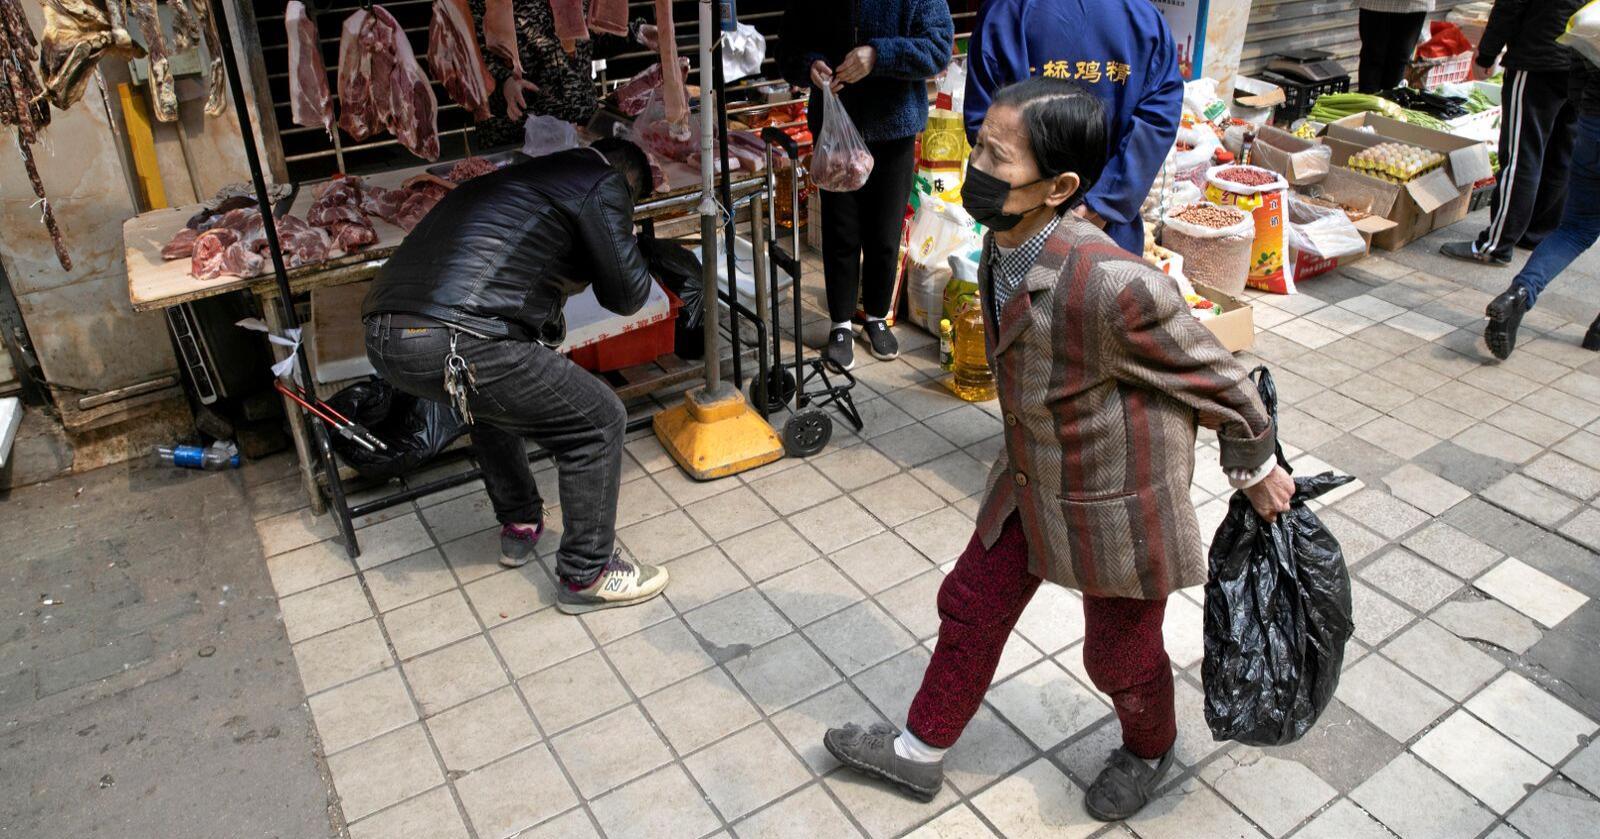 Lokale beboere går forbi en salgsbod i det delvis avstengte markedet i Wuhan i Kina. WHO mener myndighetene bør vektlegge hygienetiltak og at markedene kan fortsette å holde åpent. Foto: Ng Han Guan / AP / NTB scanpix